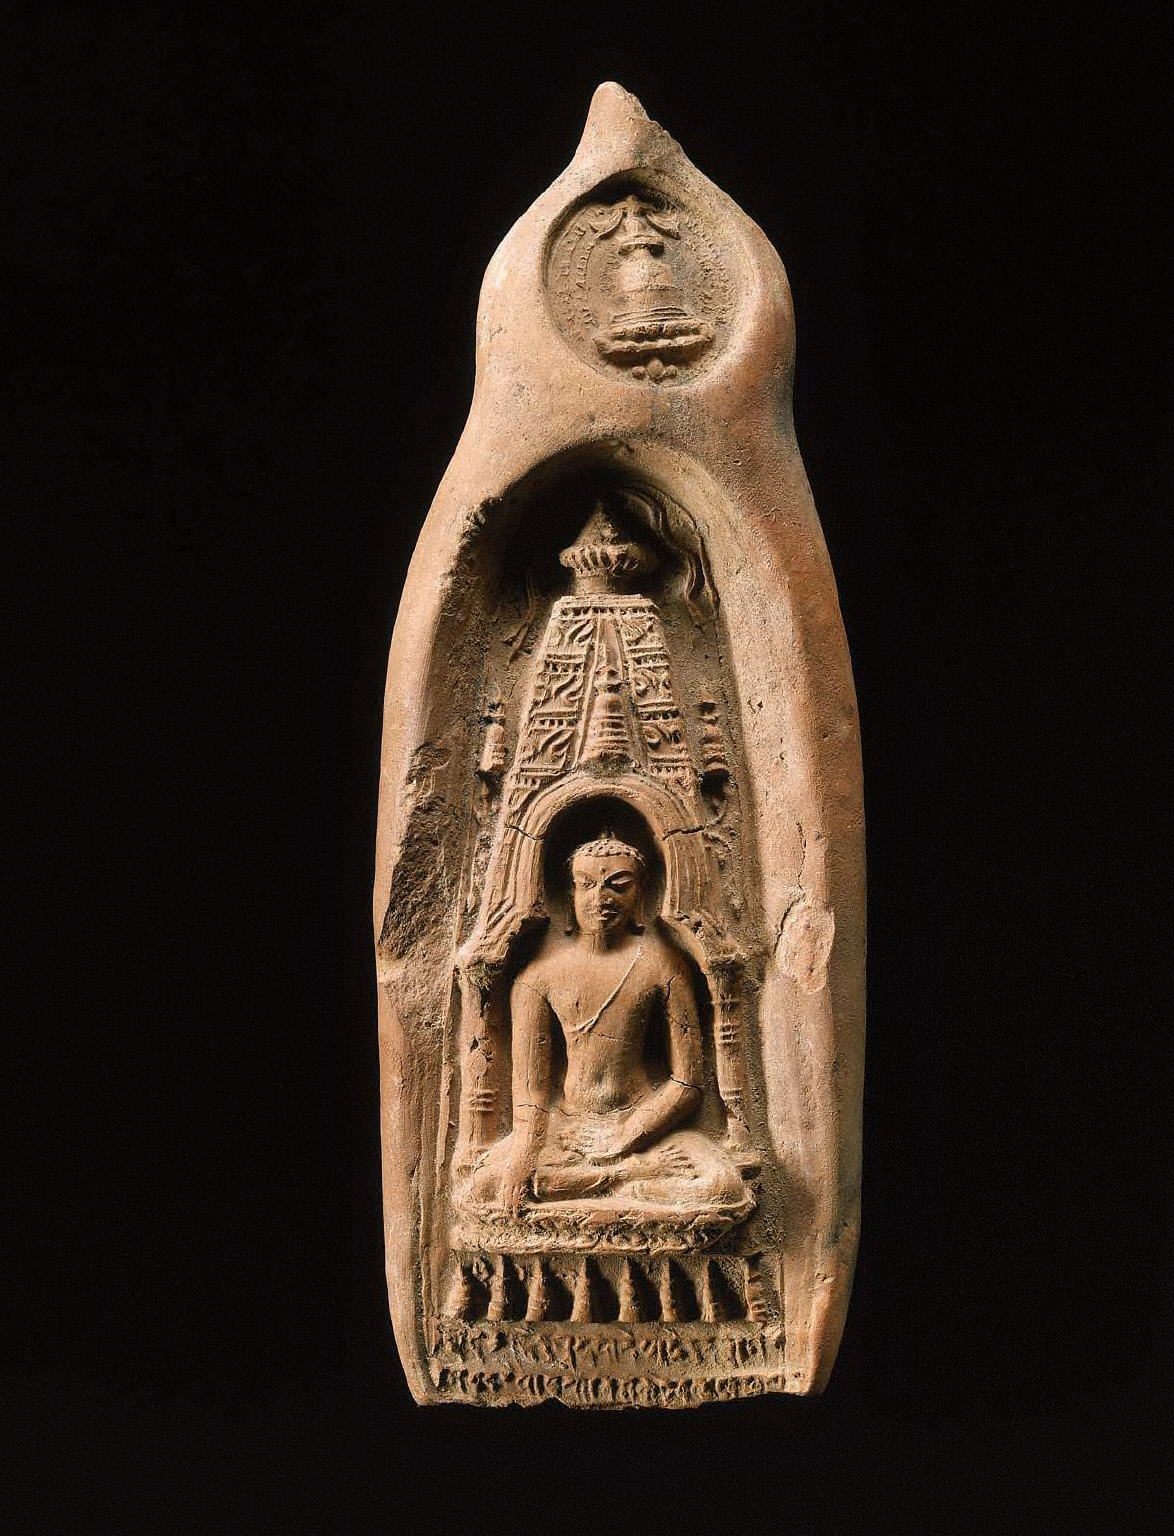 Sakyamuni Buddha at Bodhagaya